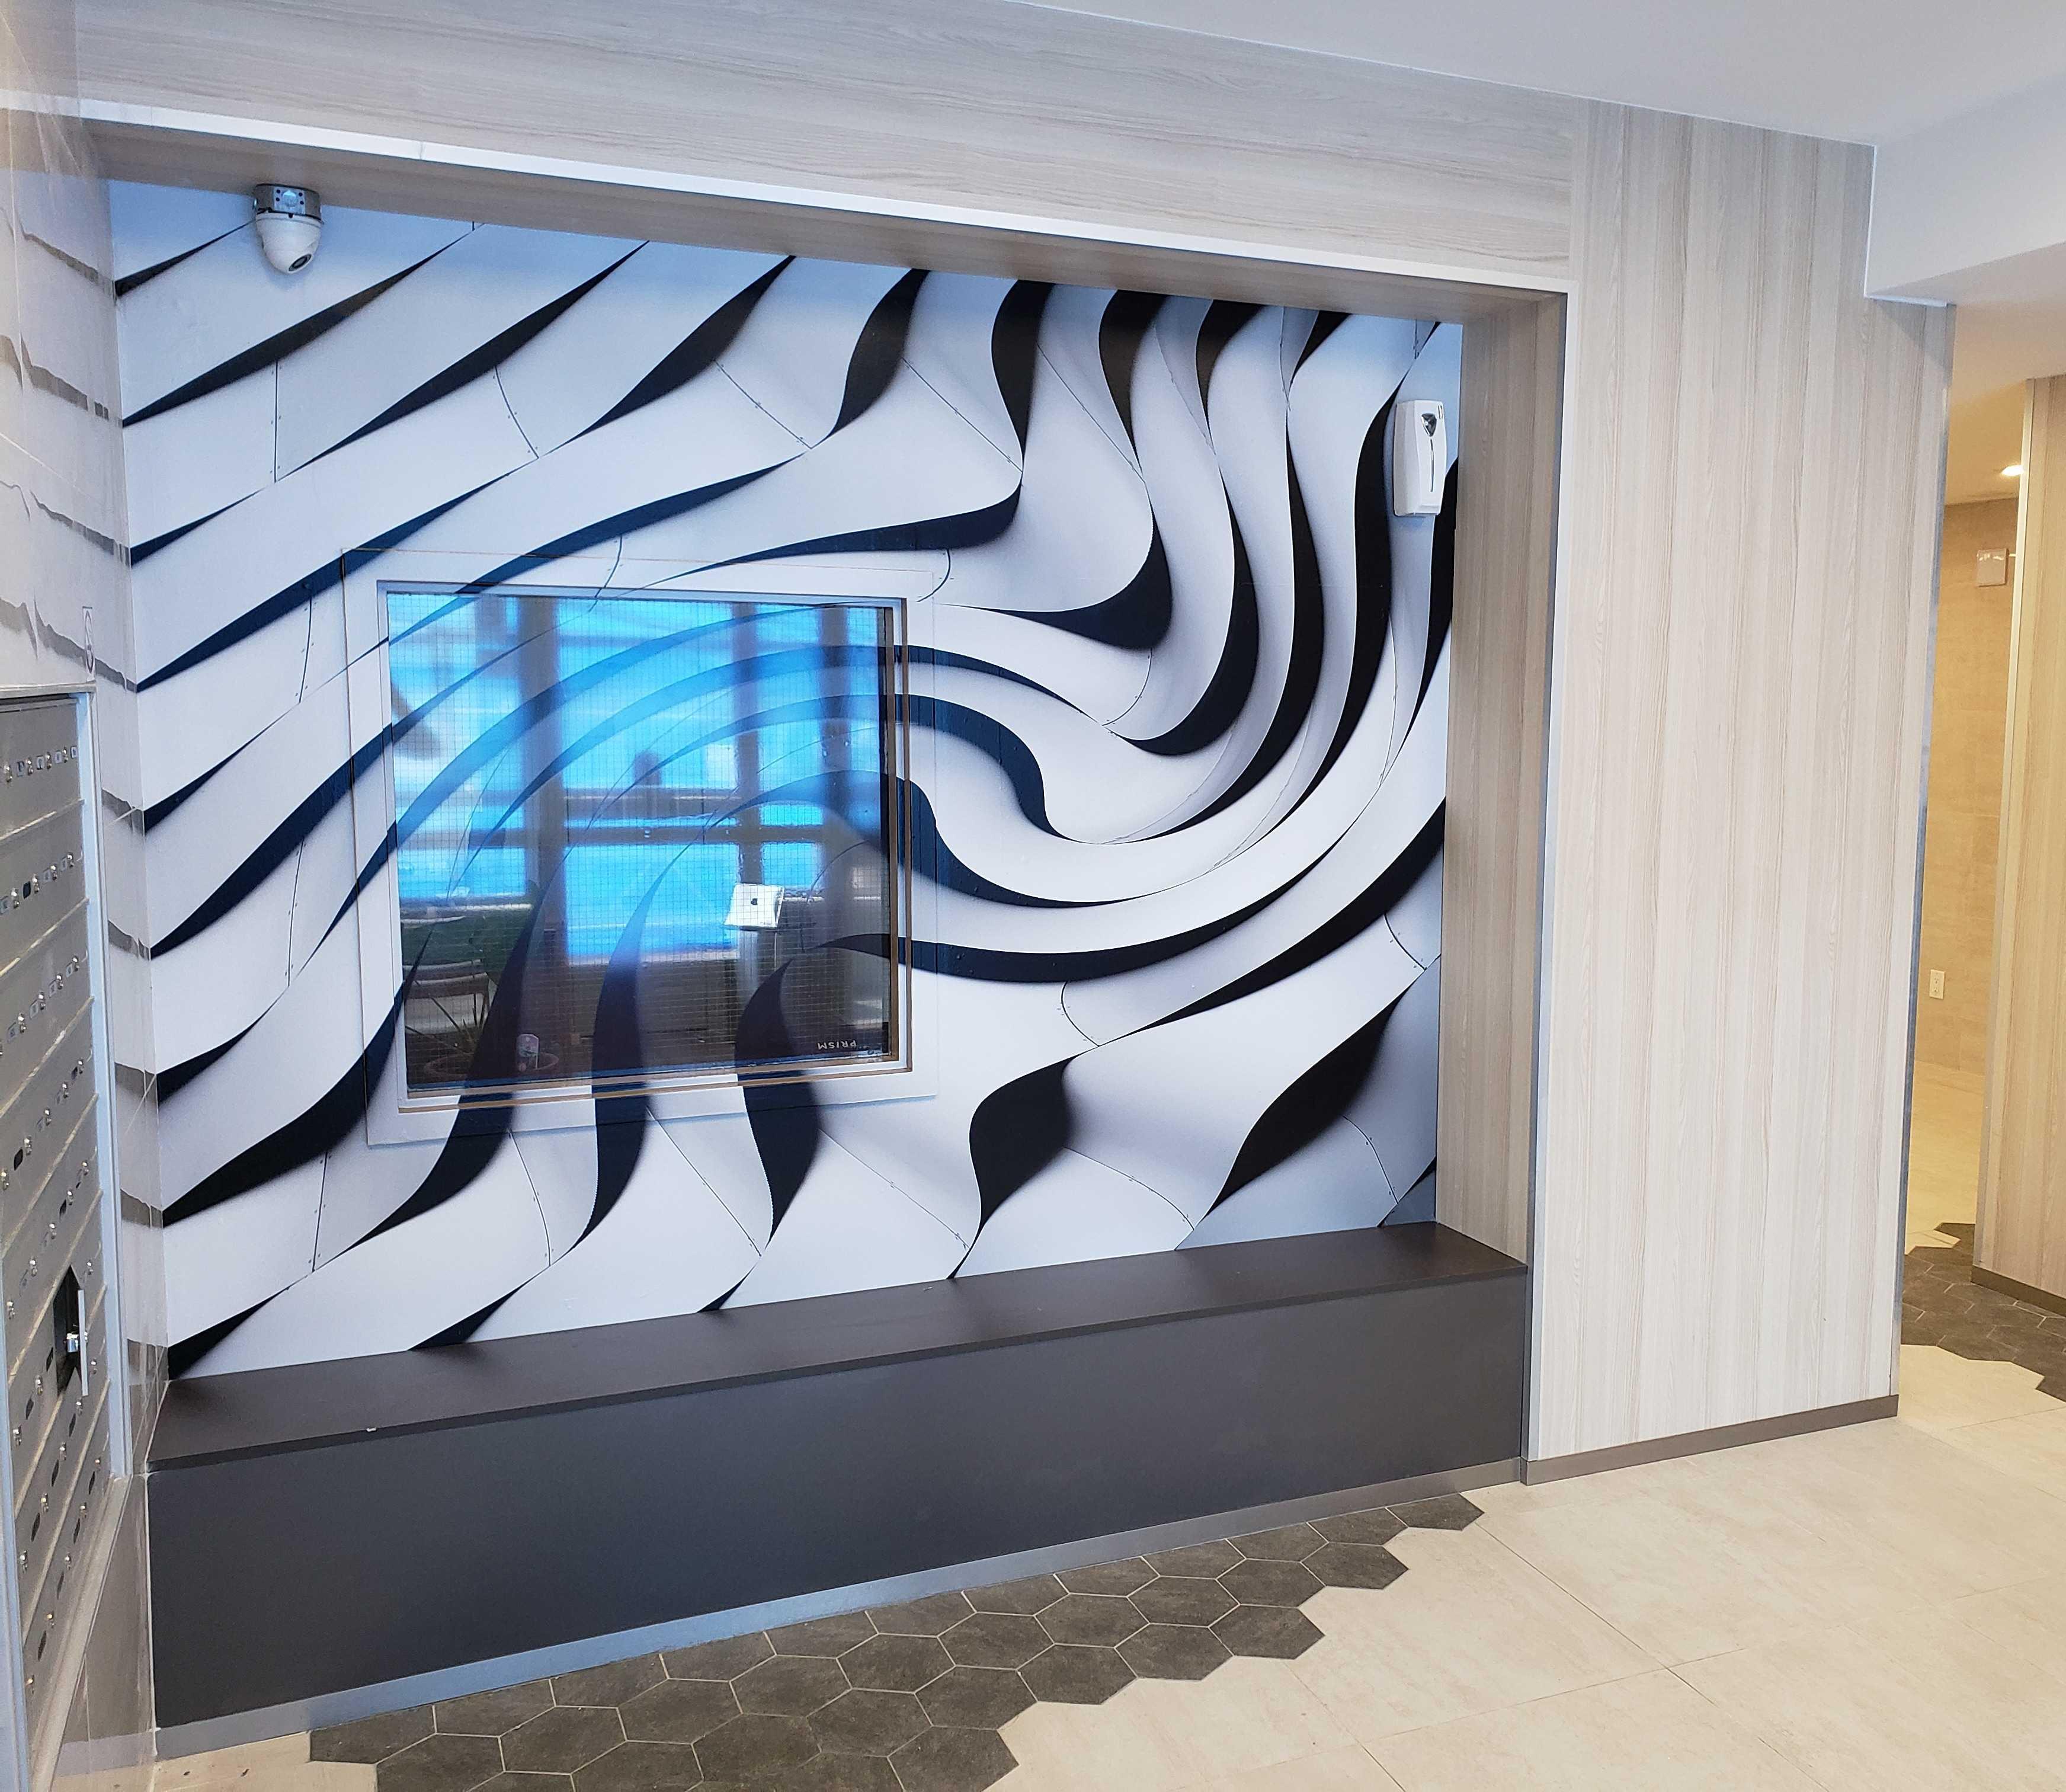 Creative lobby wall graohic